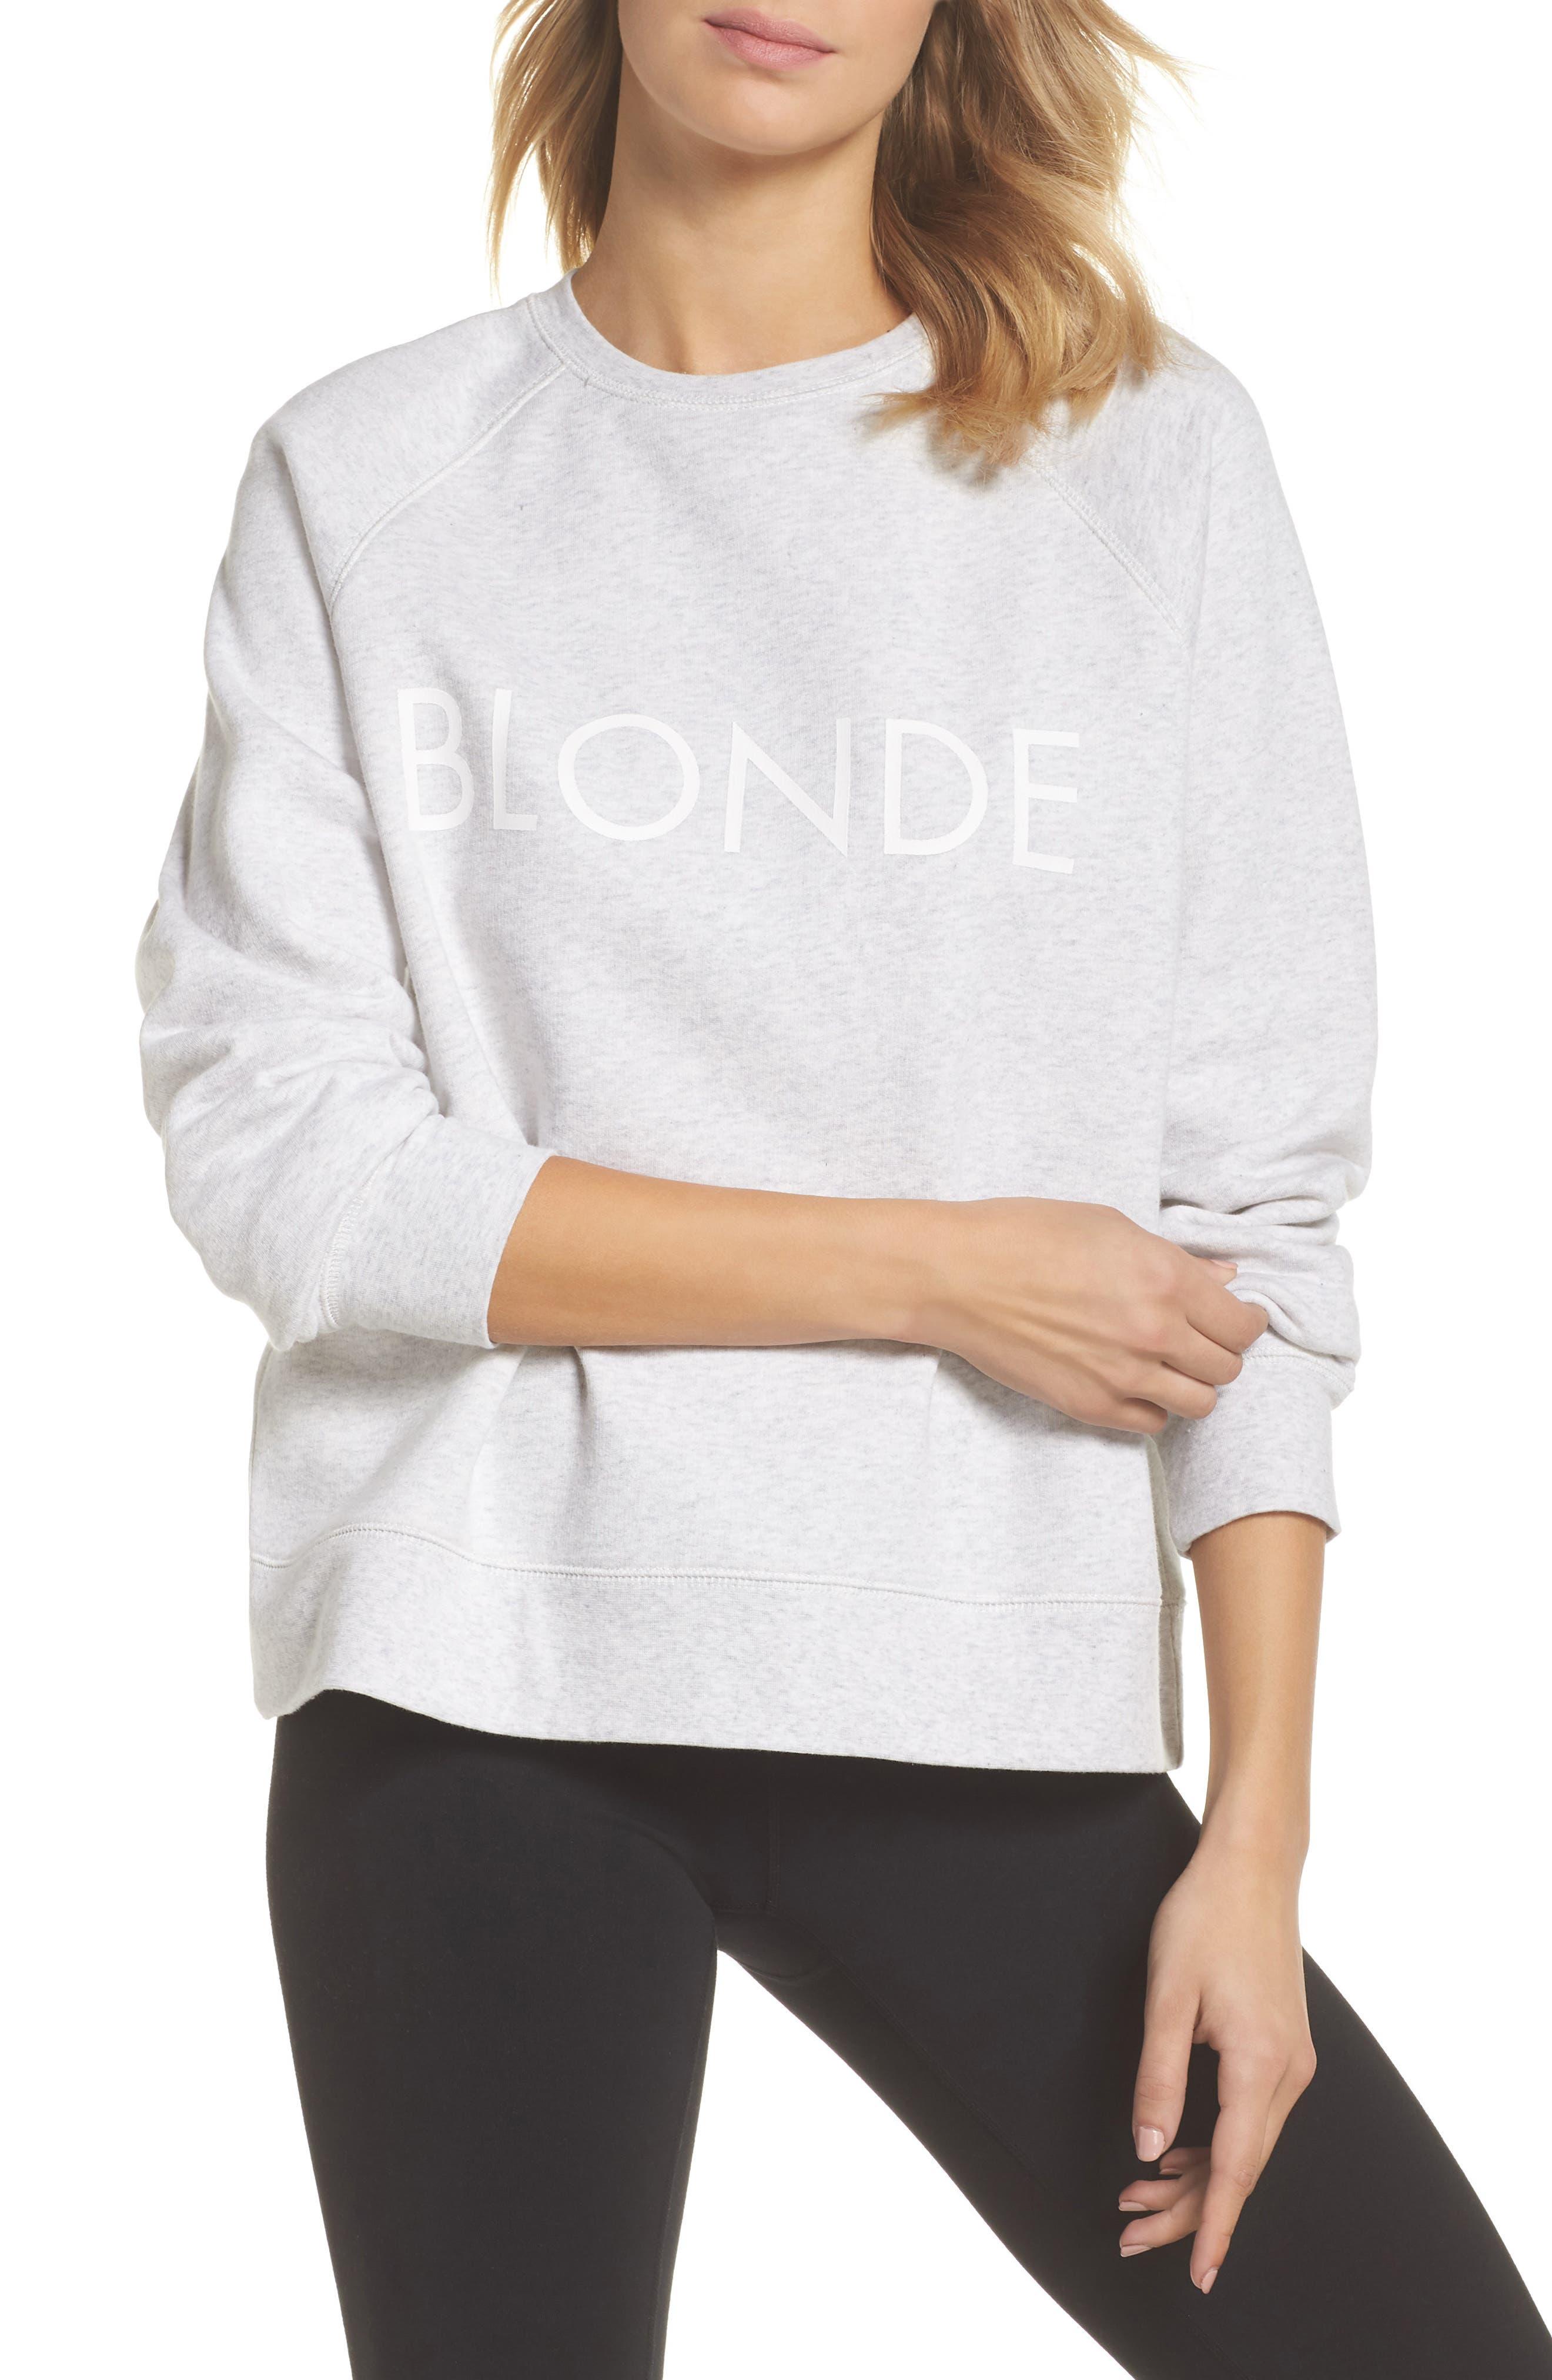 BRUNETTE THE LABEL,                             Blonde Sweatshirt,                             Main thumbnail 1, color,                             250